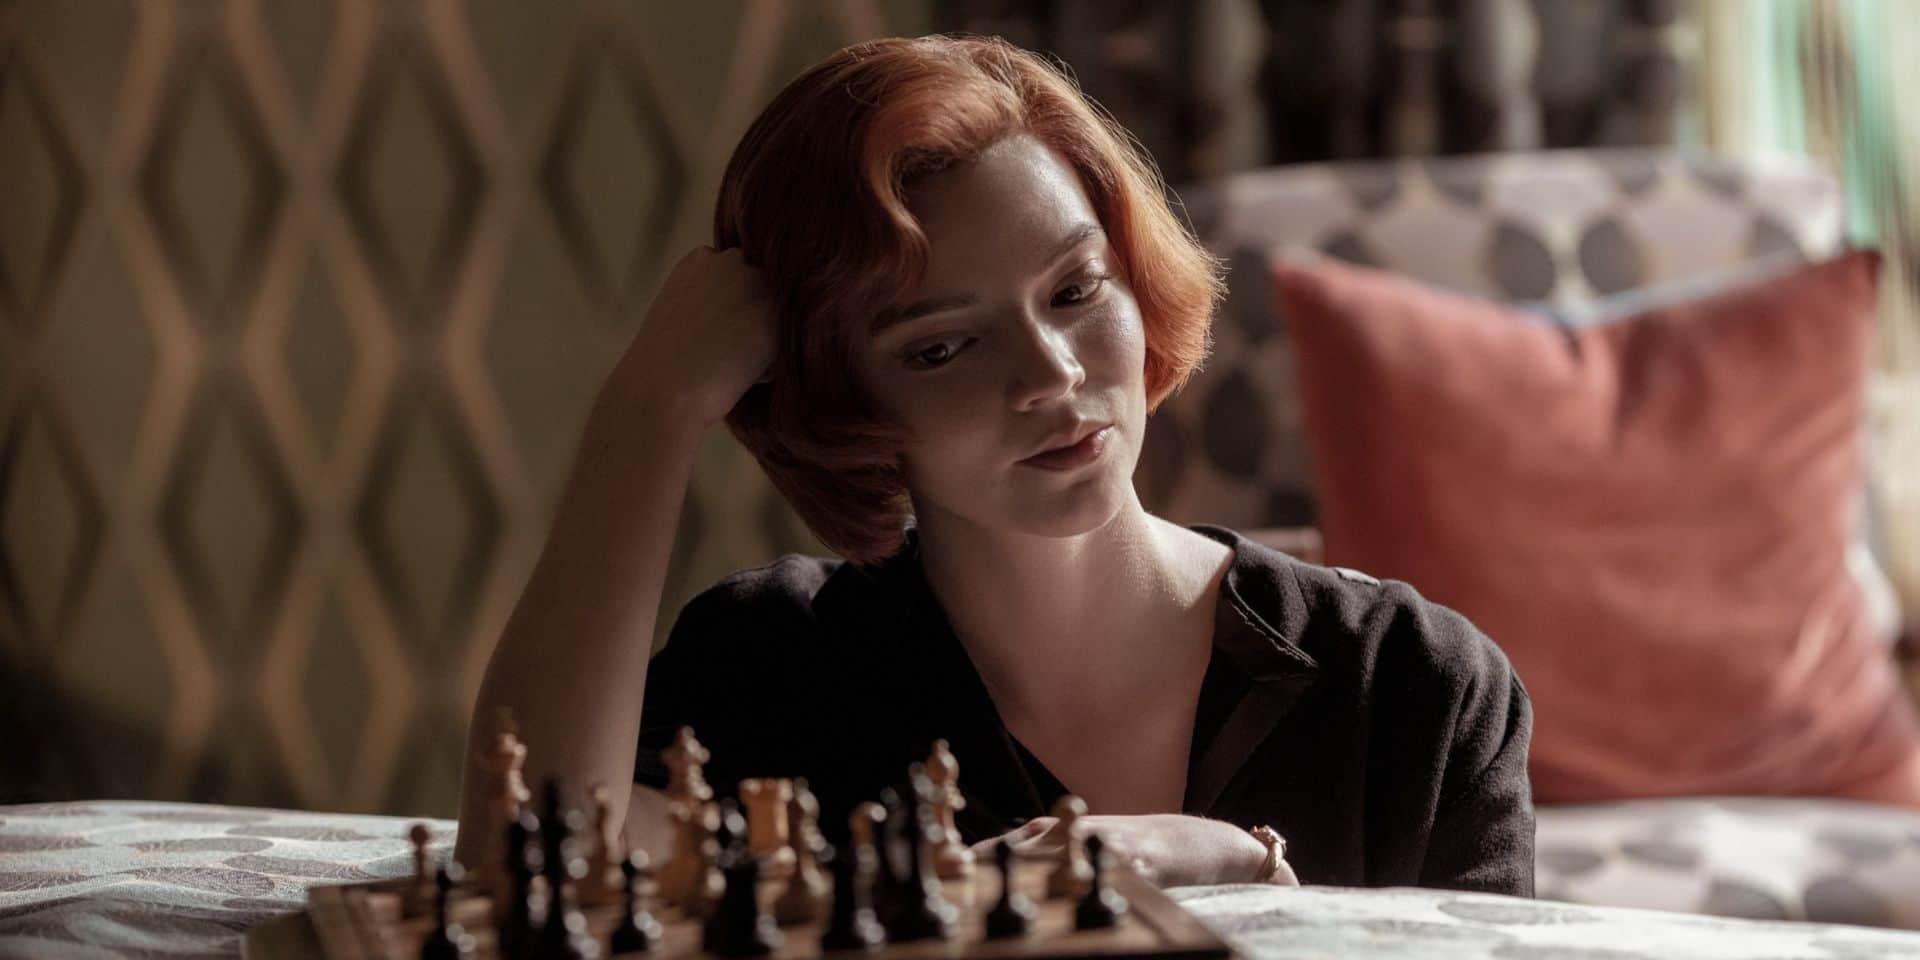 """Anya Taylor-Joy, étoile montante du cinéma, s'illustre dans la série Netflix """"The Queen's Gambit"""""""